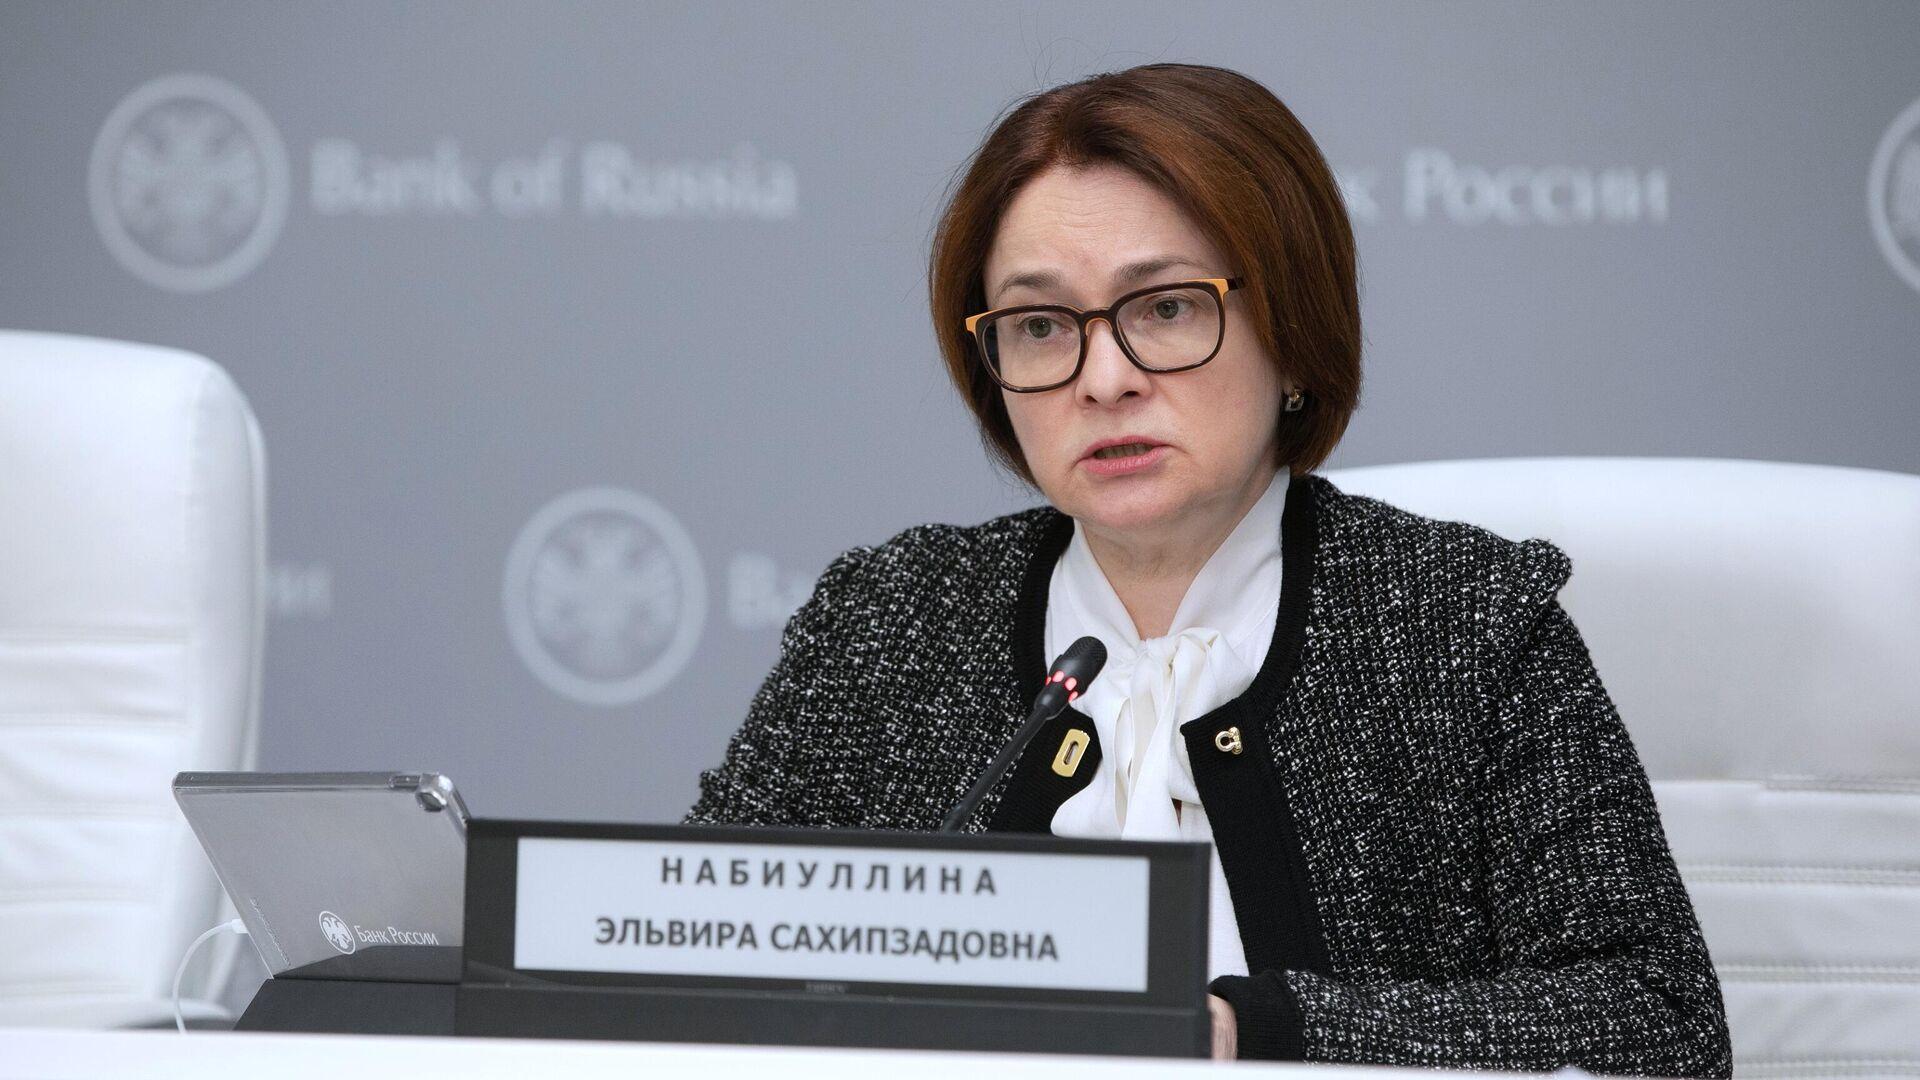 Председатель Центрального банка РФ Эльвира Набиуллина - РИА Новости, 1920, 24.07.2020